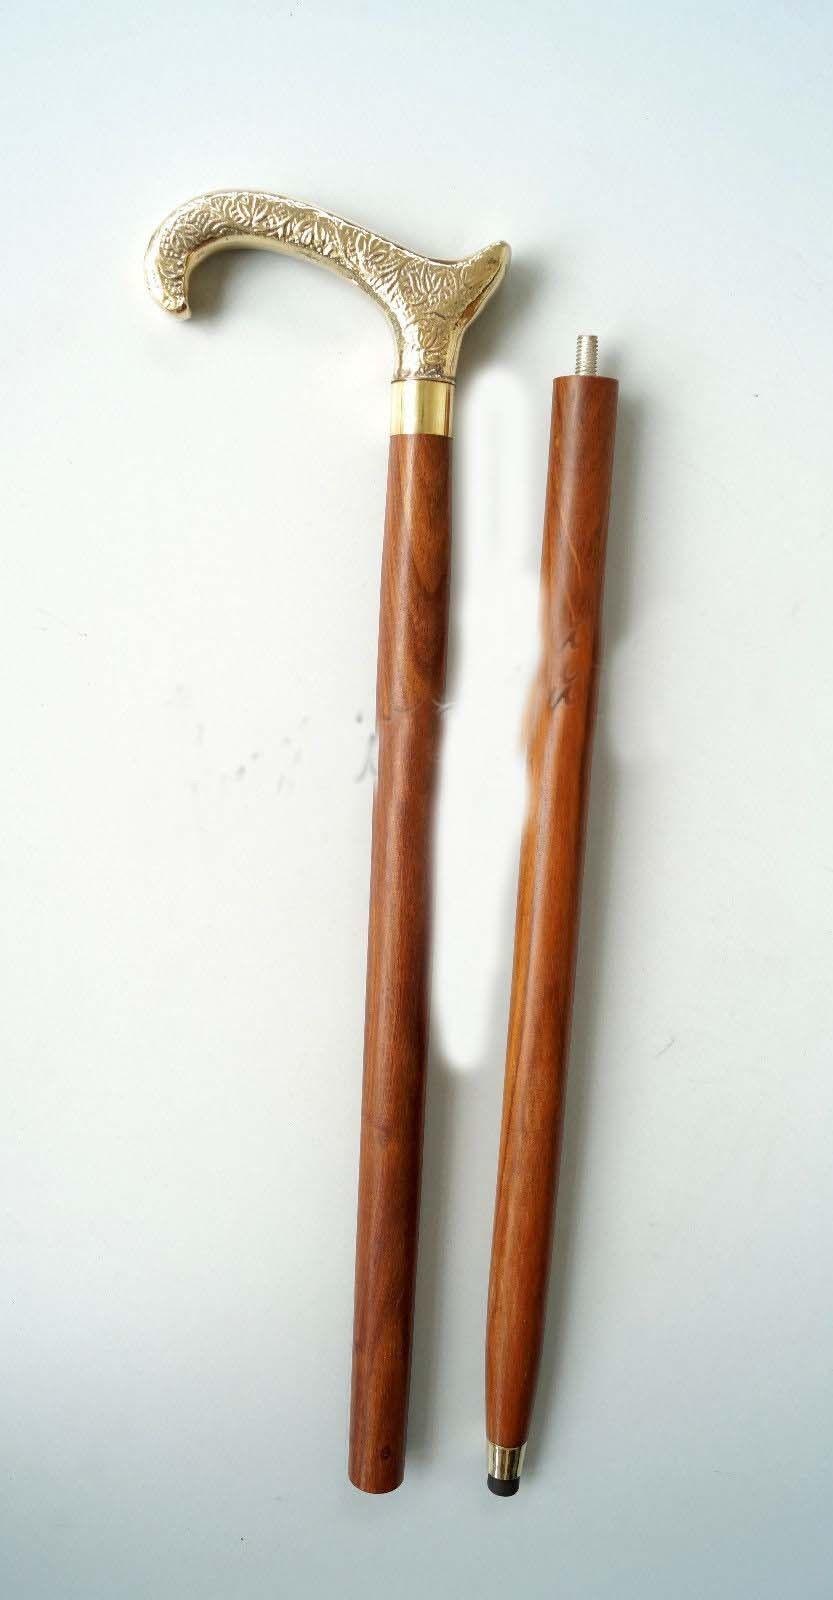 Solid Brass Elephant Designer Handle Victorian Vintage For Wooden Walking Cane